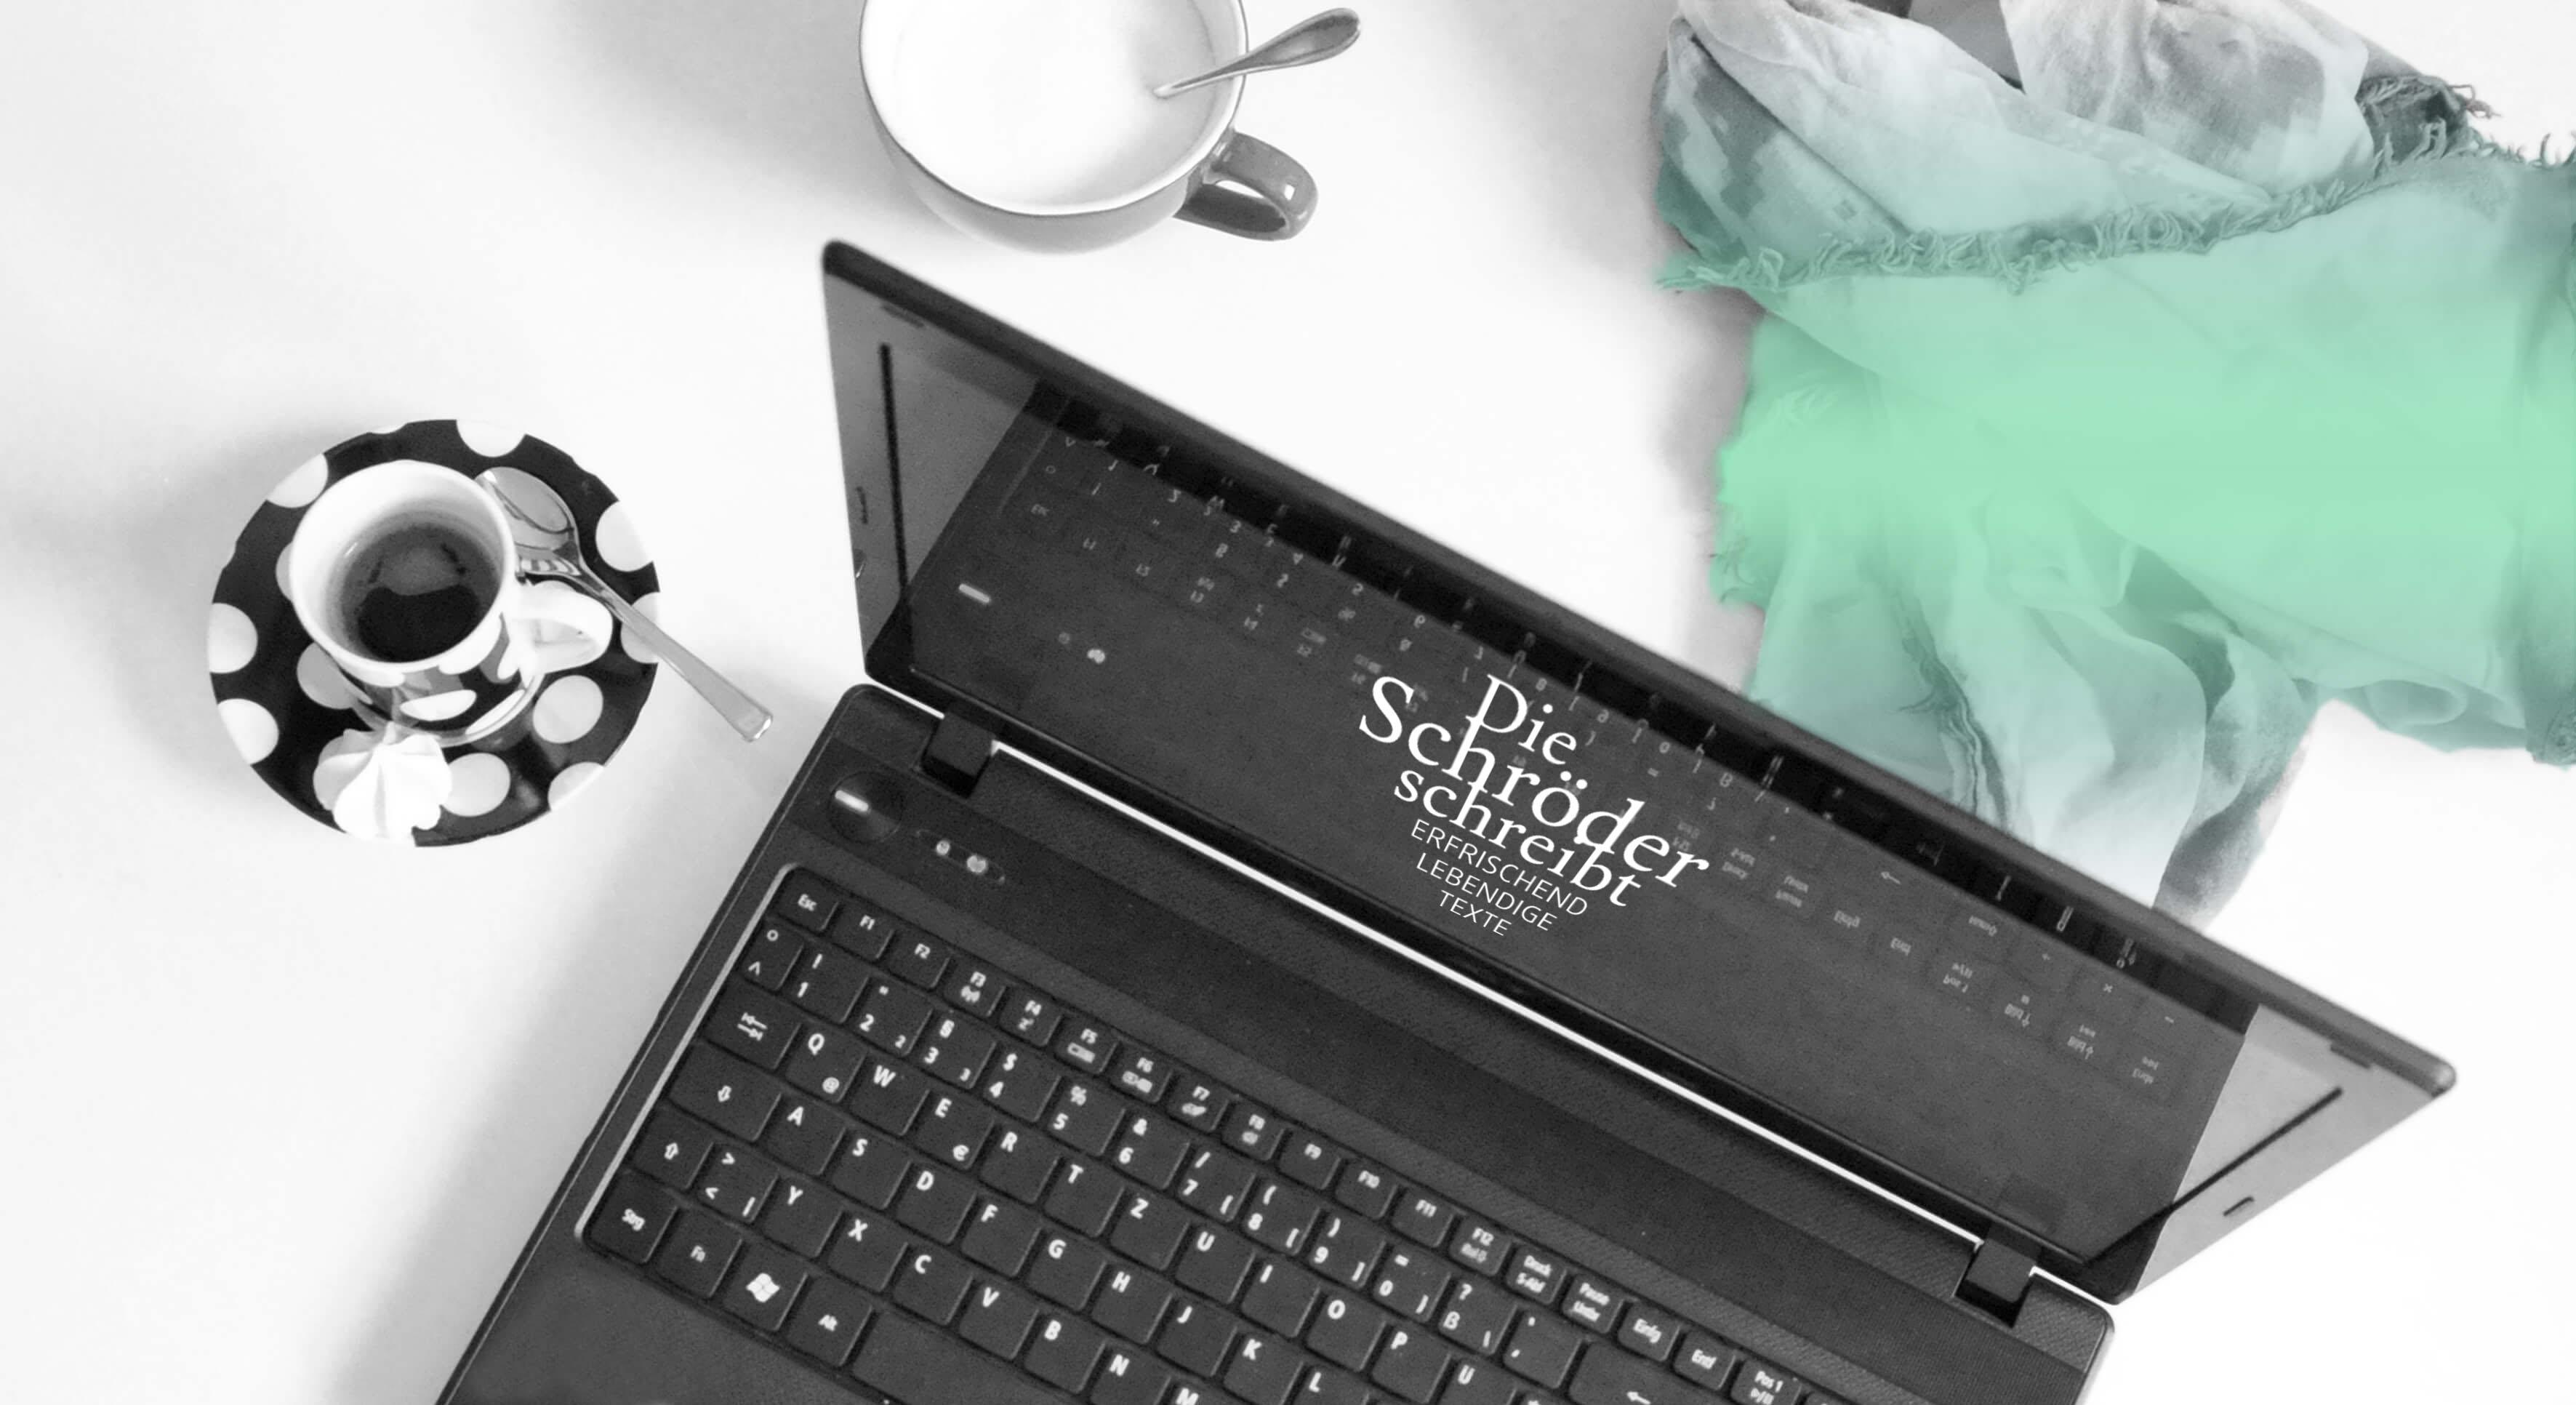 Texterin-und-Bloggerin-für-Familienthemen-dieSchröderSchreibt-mit-logo